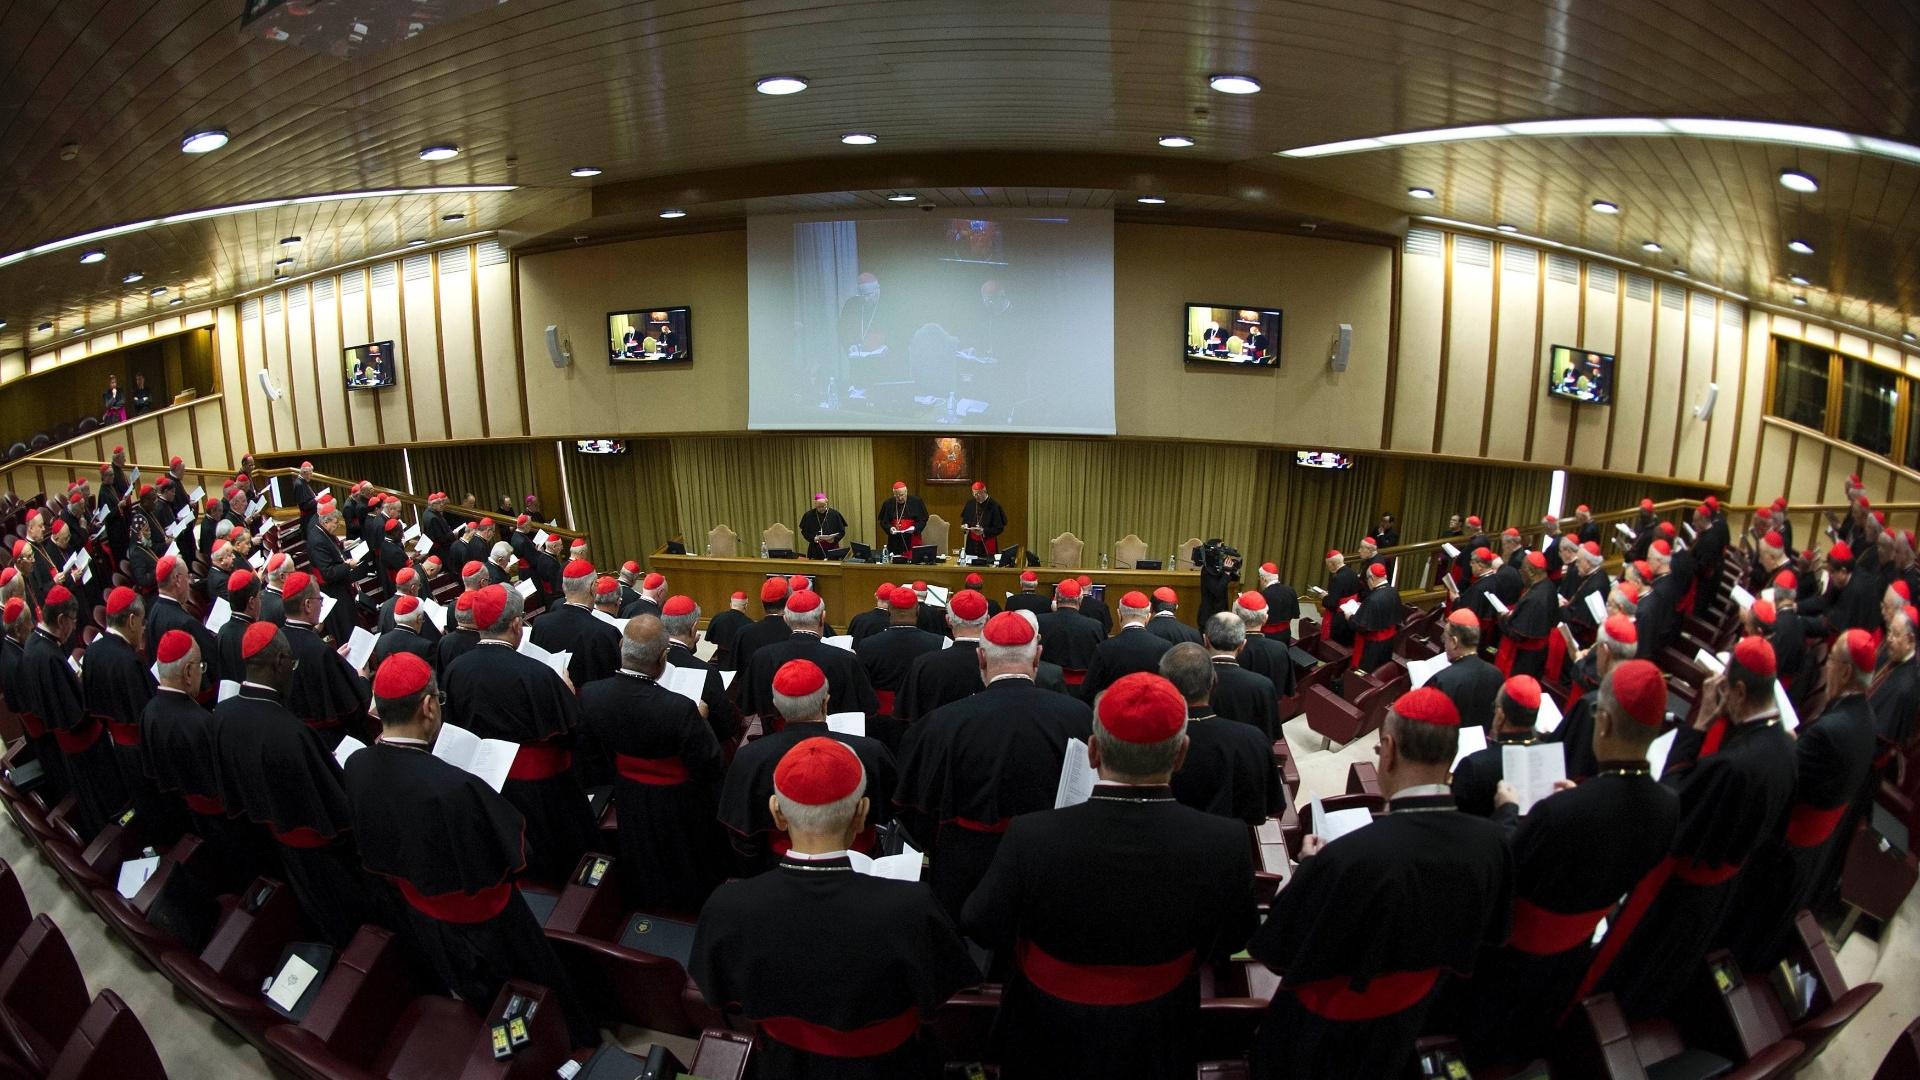 4mar2013---cardeais-participam-da-primeira-congregacao-geral-preparatoria-para-conclave-que-elegera-o-sucessor-de-bento-16-na-ala-nova-do-sinodo-no-vaticano-estima-se-que-150-dos-207-religiosos-que-1362397709754_1920x1080